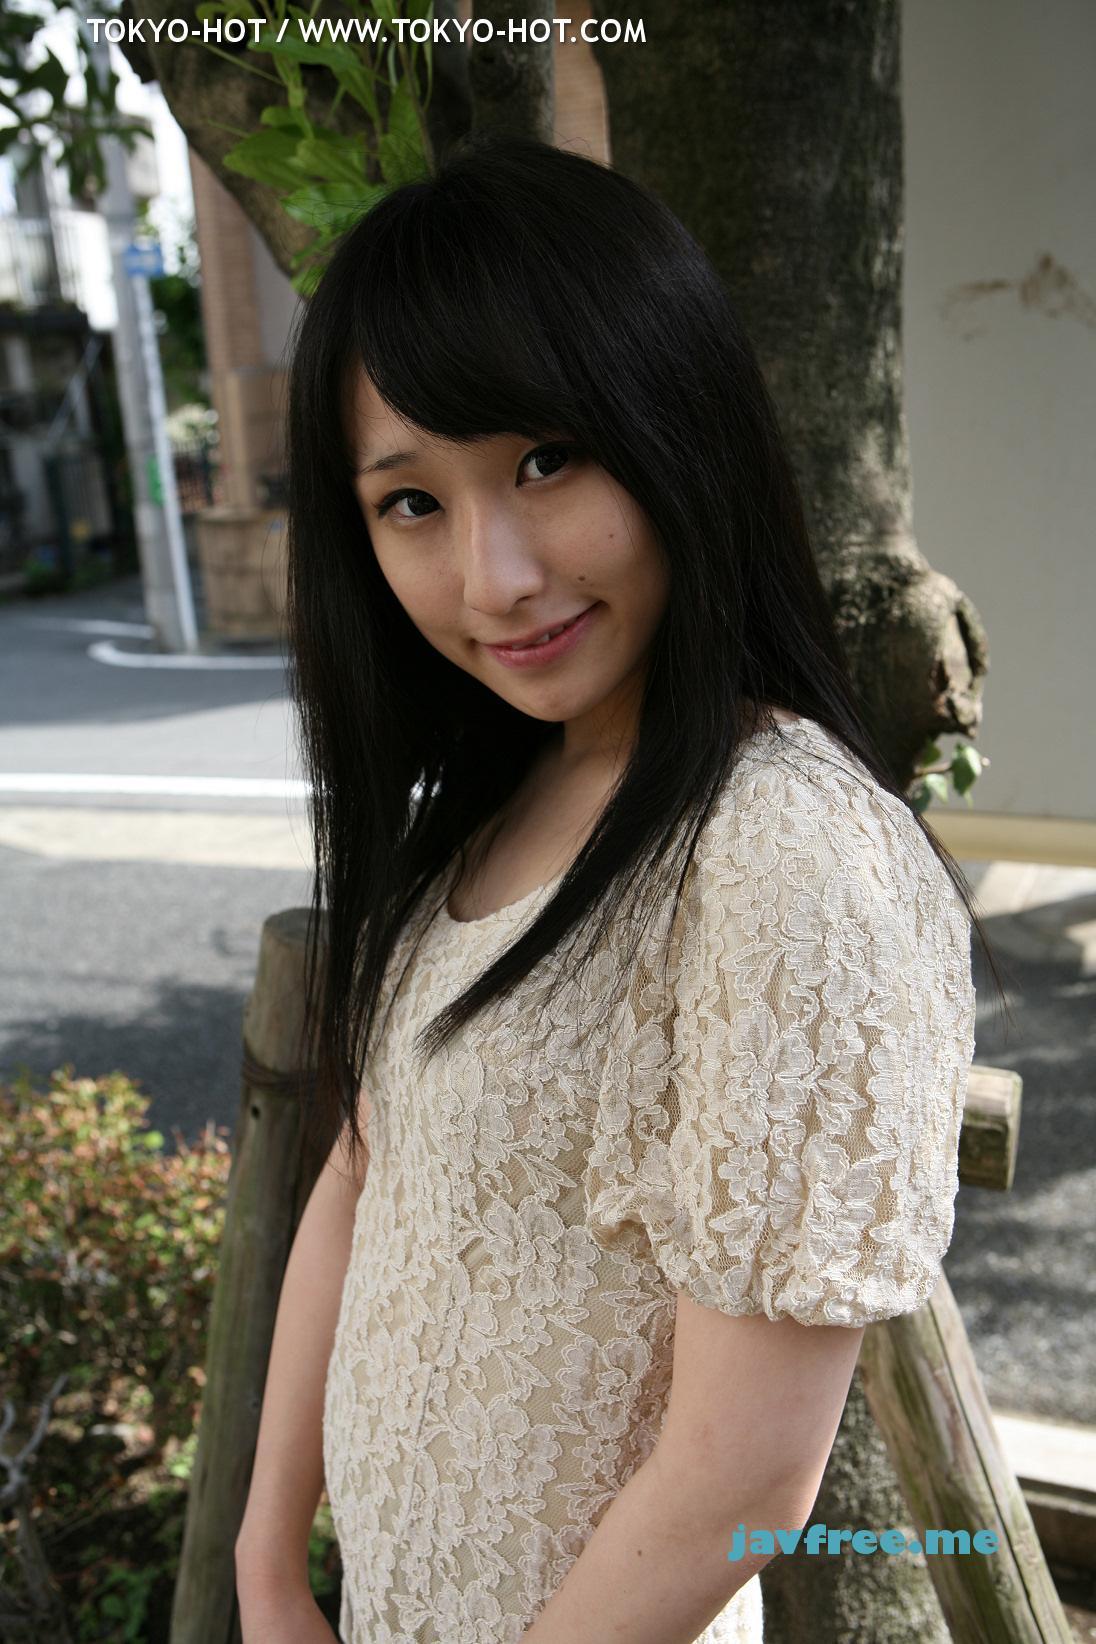 Tokyo Hot k0764 餌食牝 石原梓 Azusa Ishihara - image k0764a on https://javfree.me